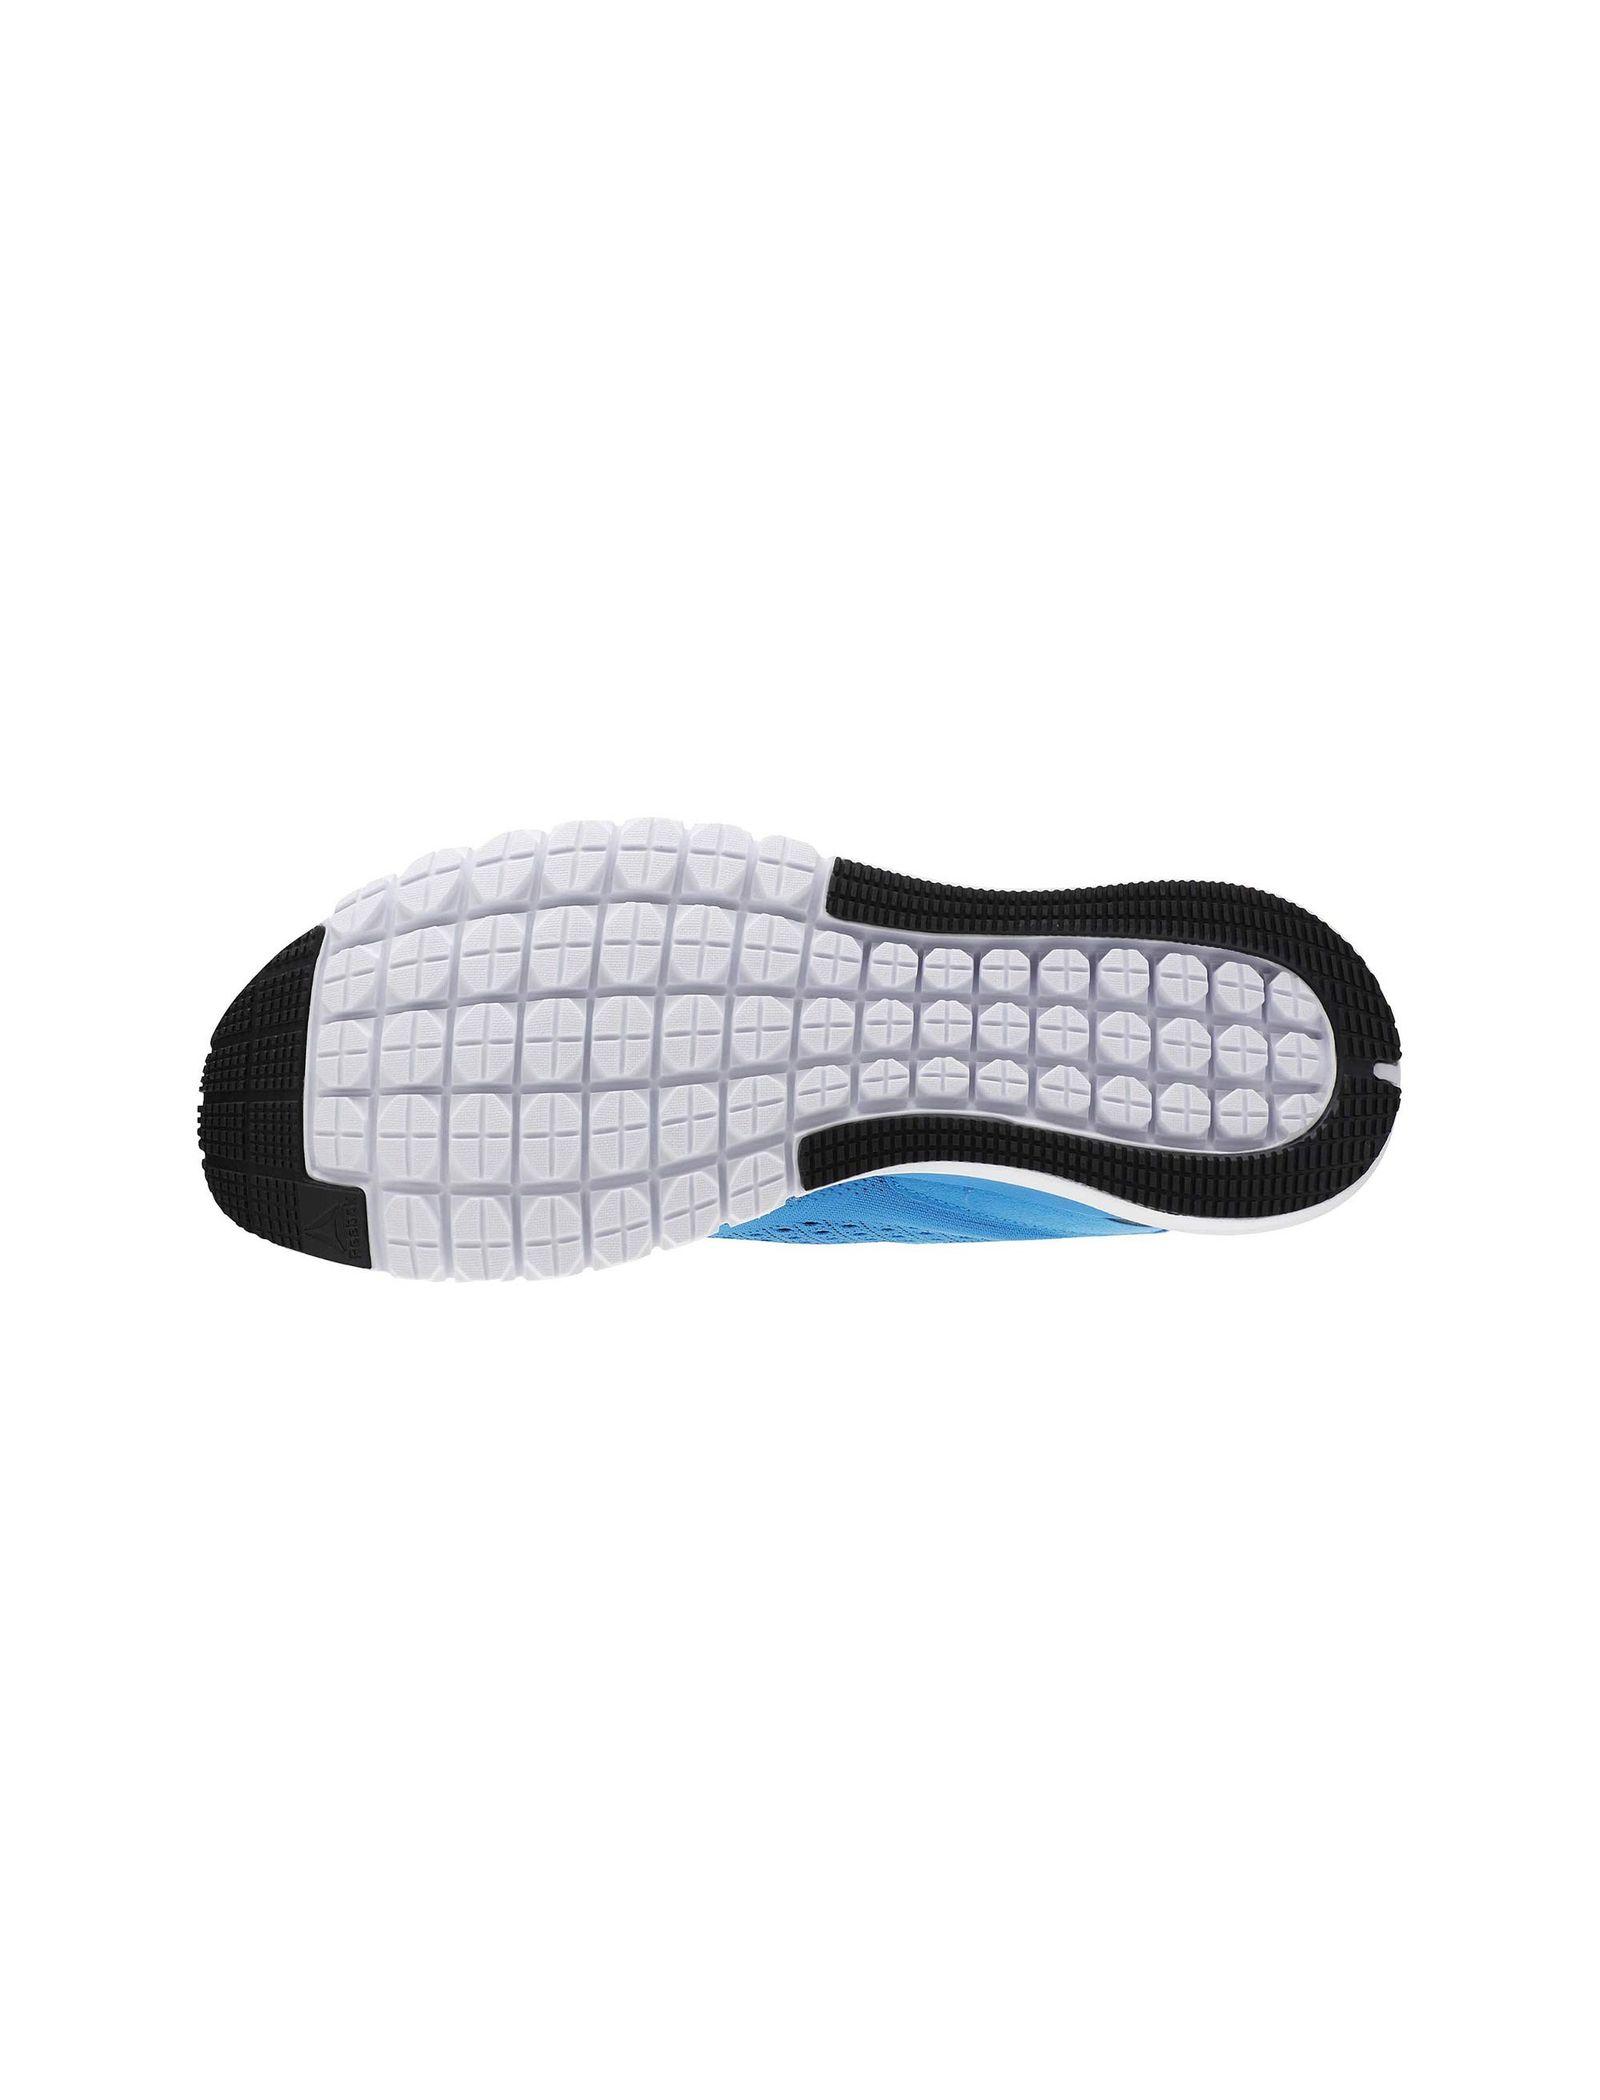 کفش دویدن بندی مردانه Print Smooth Ultraknit - ریباک - آبي - 2